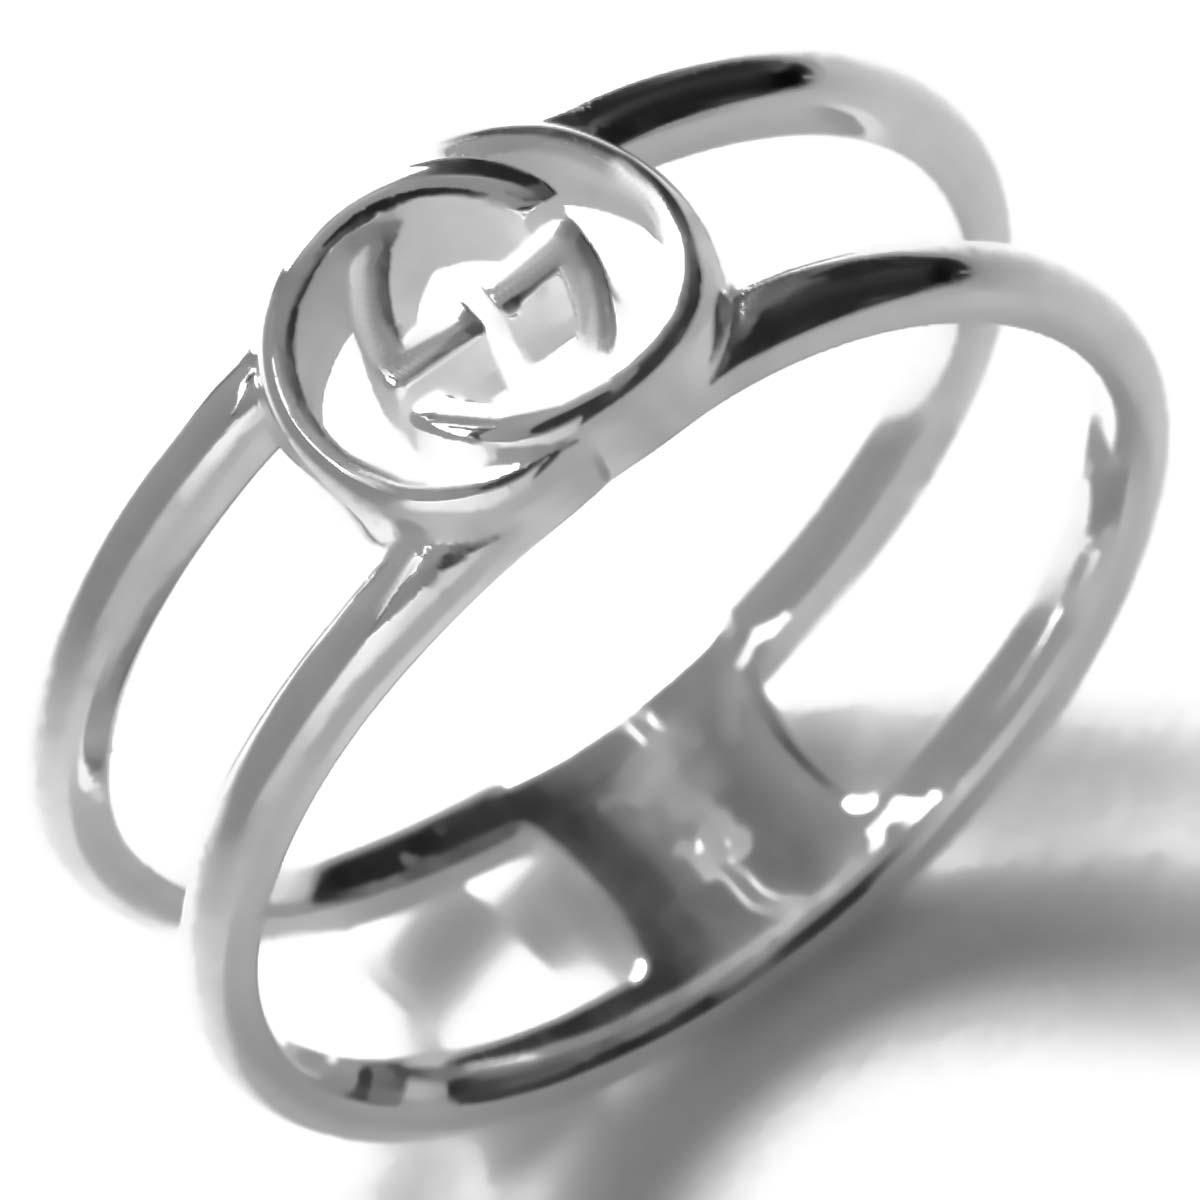 61f81f8c52ea グッチ リング【指輪】 アクセサリー メンズ レディース インターロッキングG シルバー 298036 J8400 8106 GUCCI